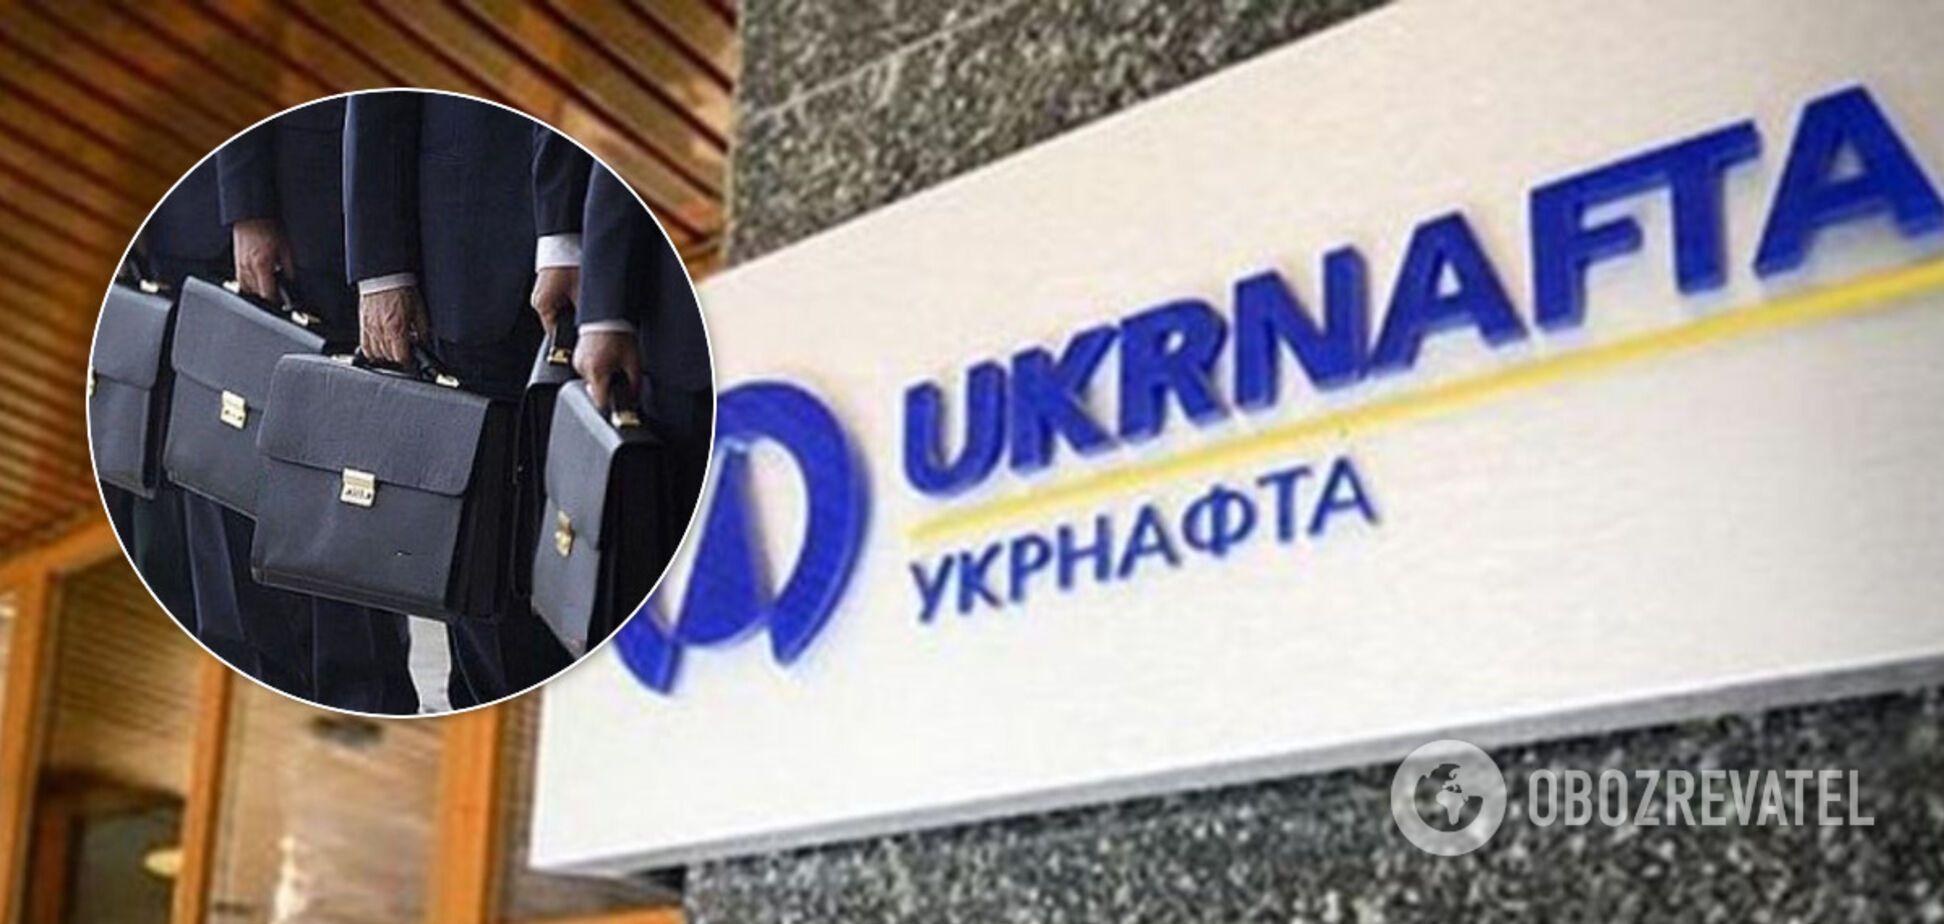 У наглядовій раді 'Укрнафти' виступили проти скасування конкурсу на посаду голови компанії